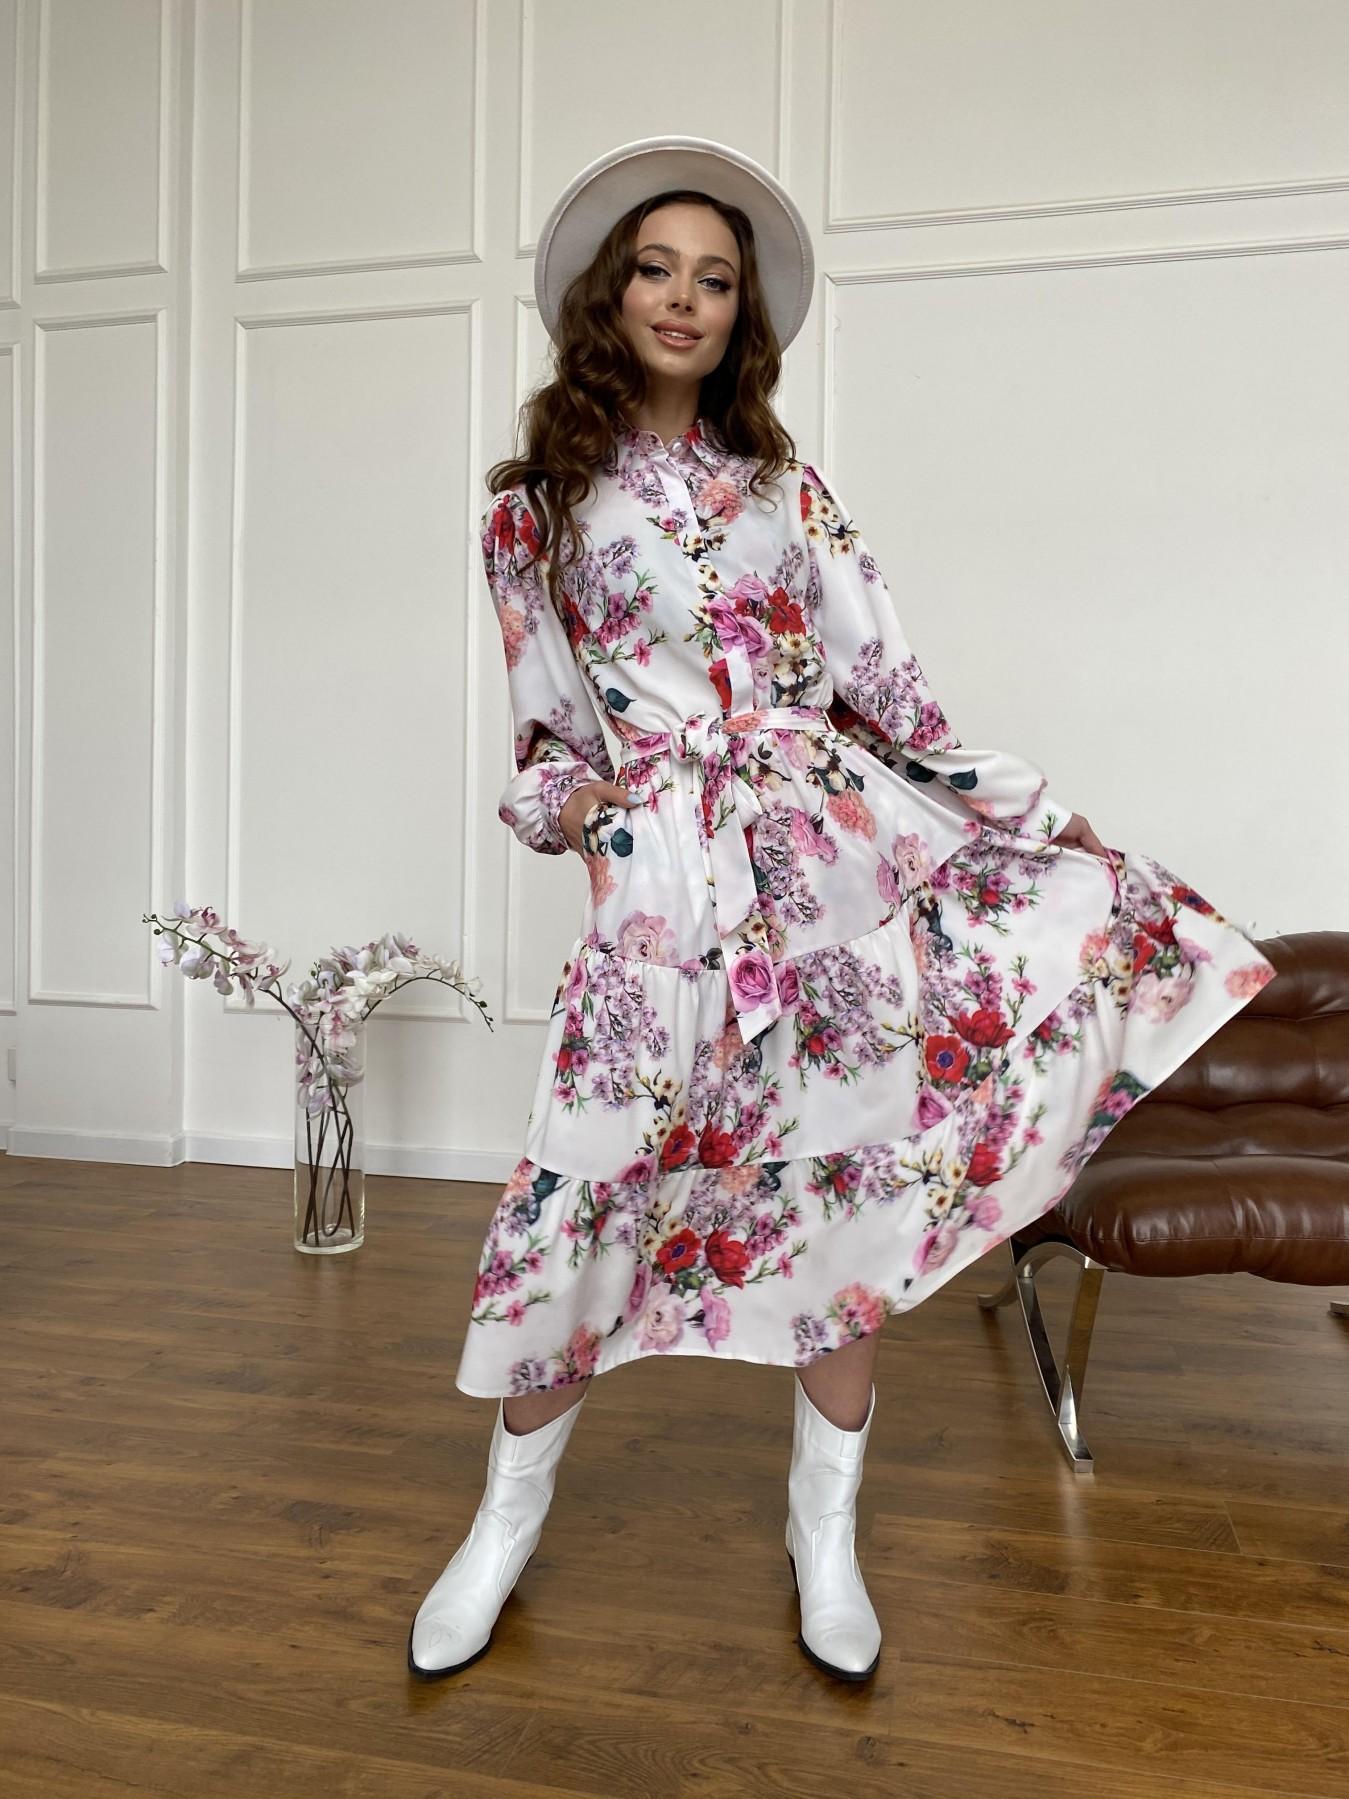 Лилия платье  софт принт бистрейч 11171 АРТ. 47709 Цвет: ВесенБукетМол/Роз/Крас - фото 12, интернет магазин tm-modus.ru